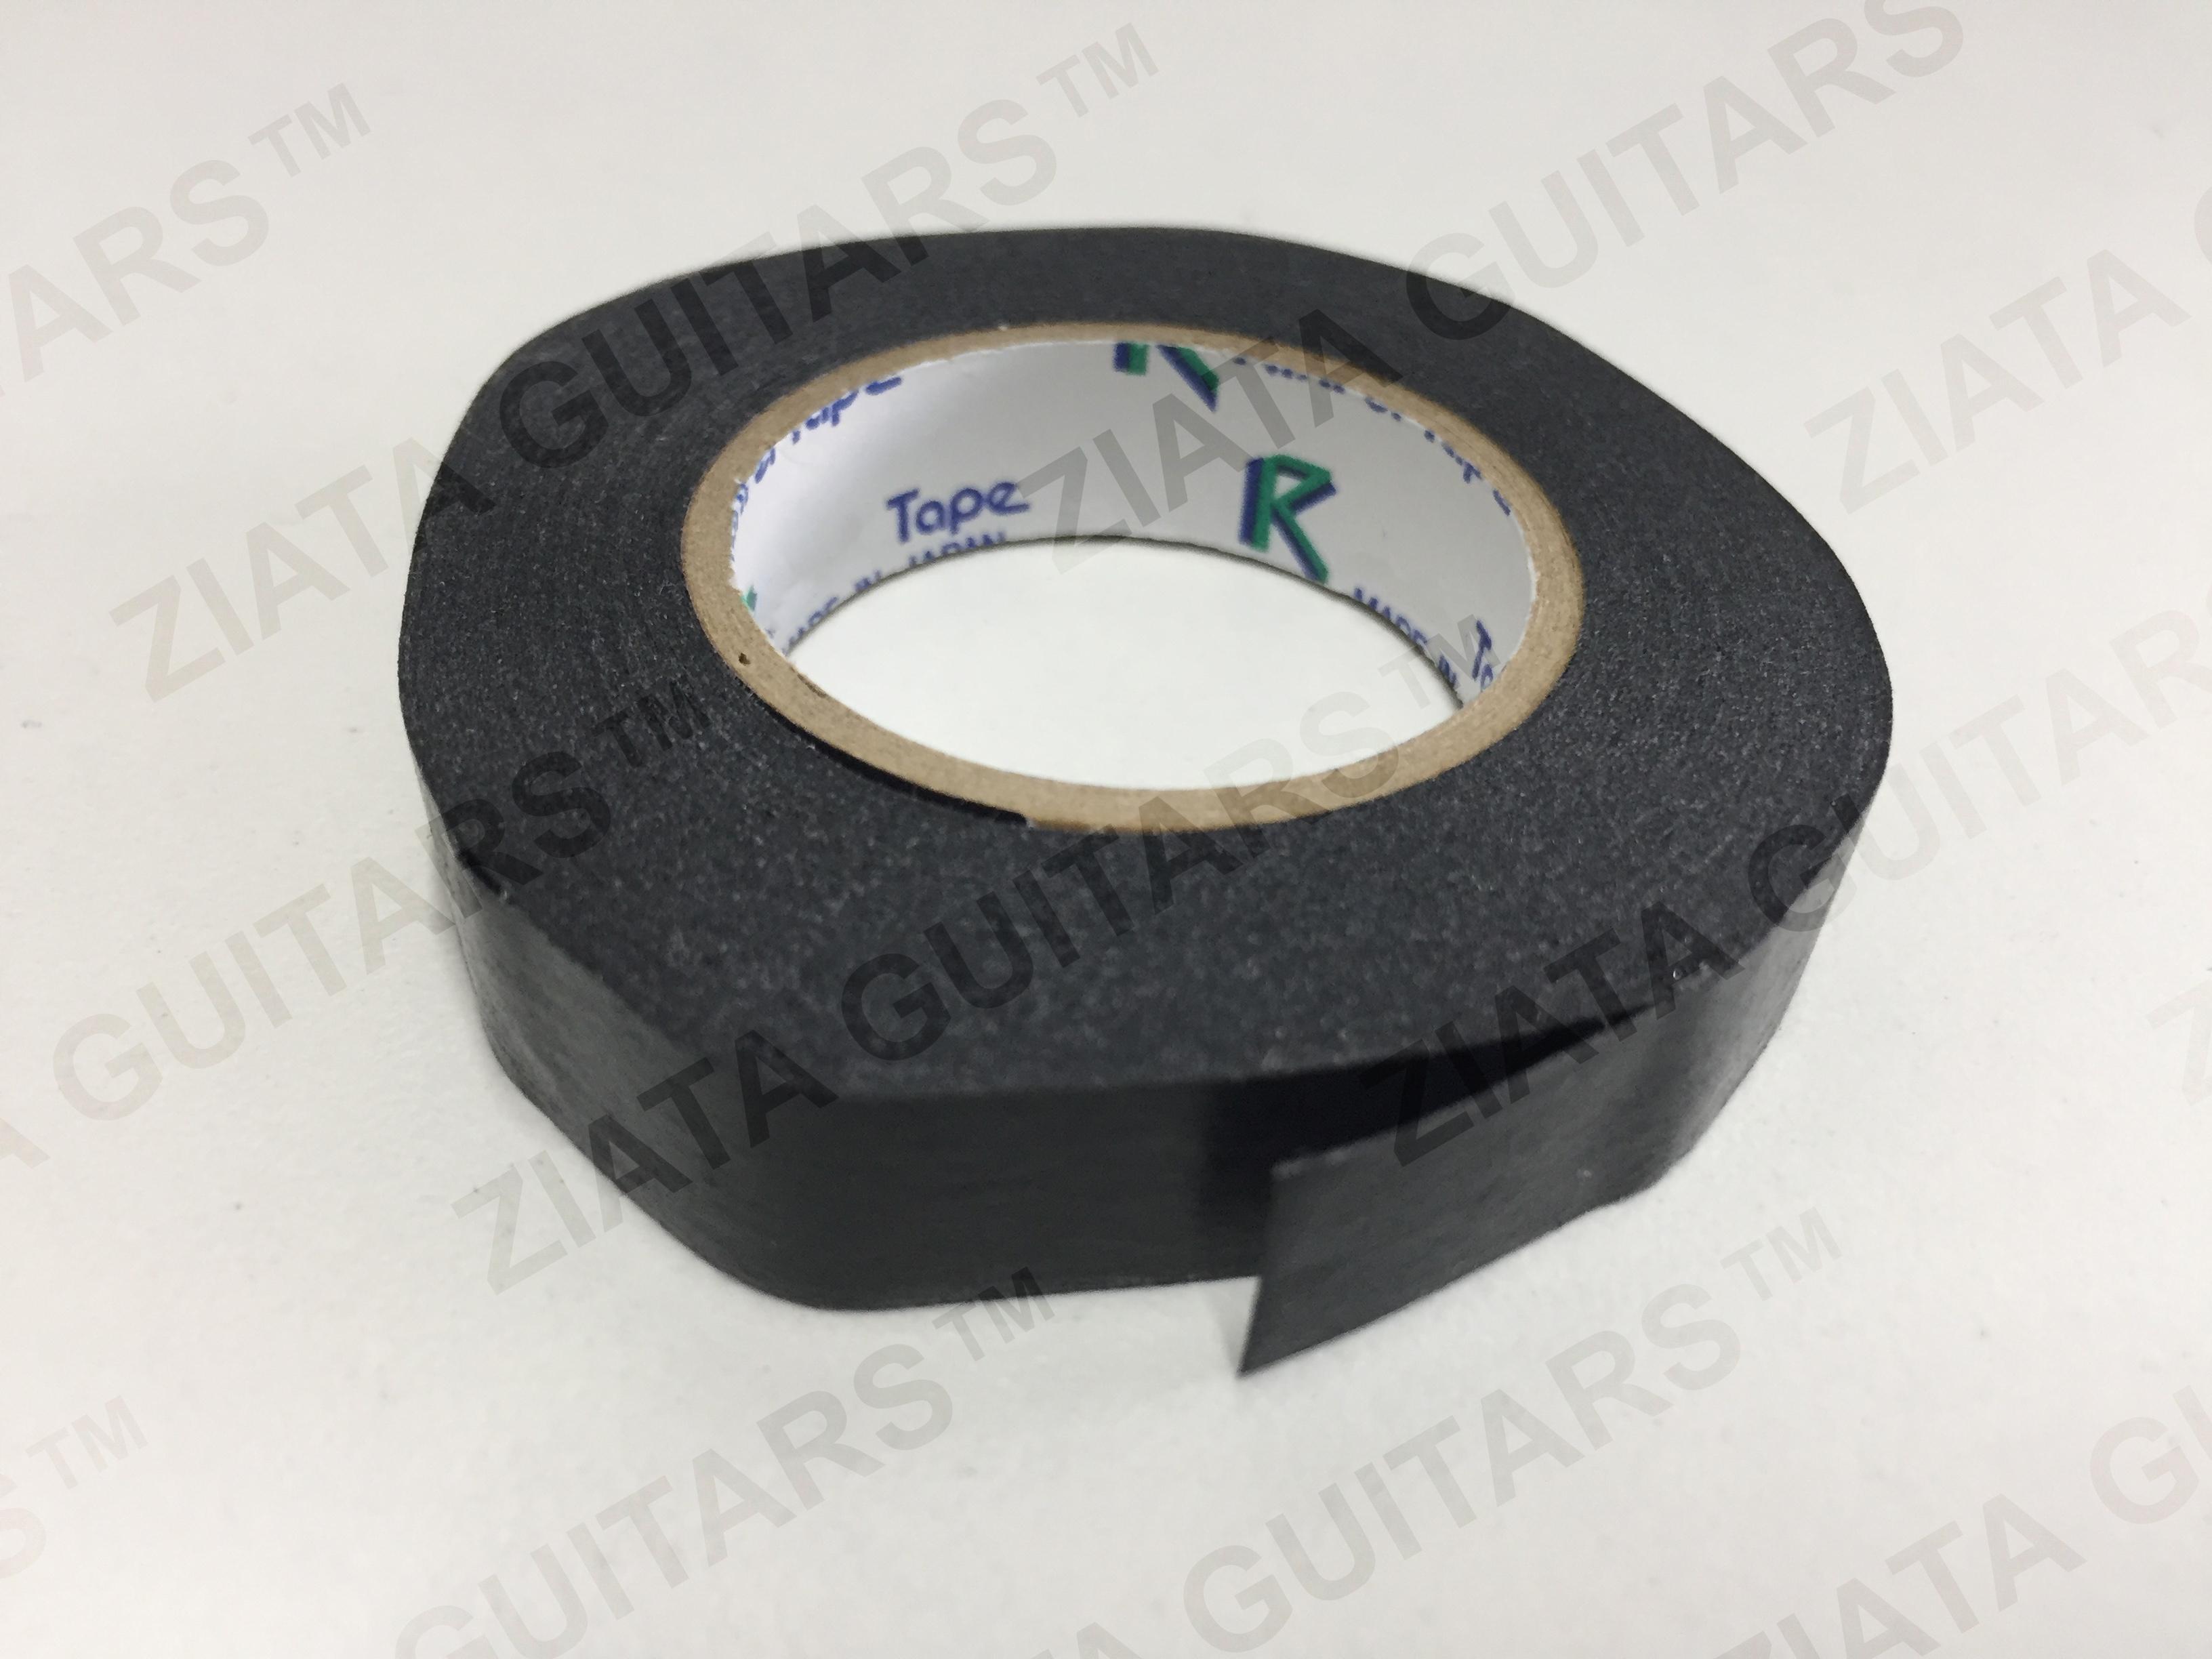 10mm Guitar Pickup Paper Tape - Black